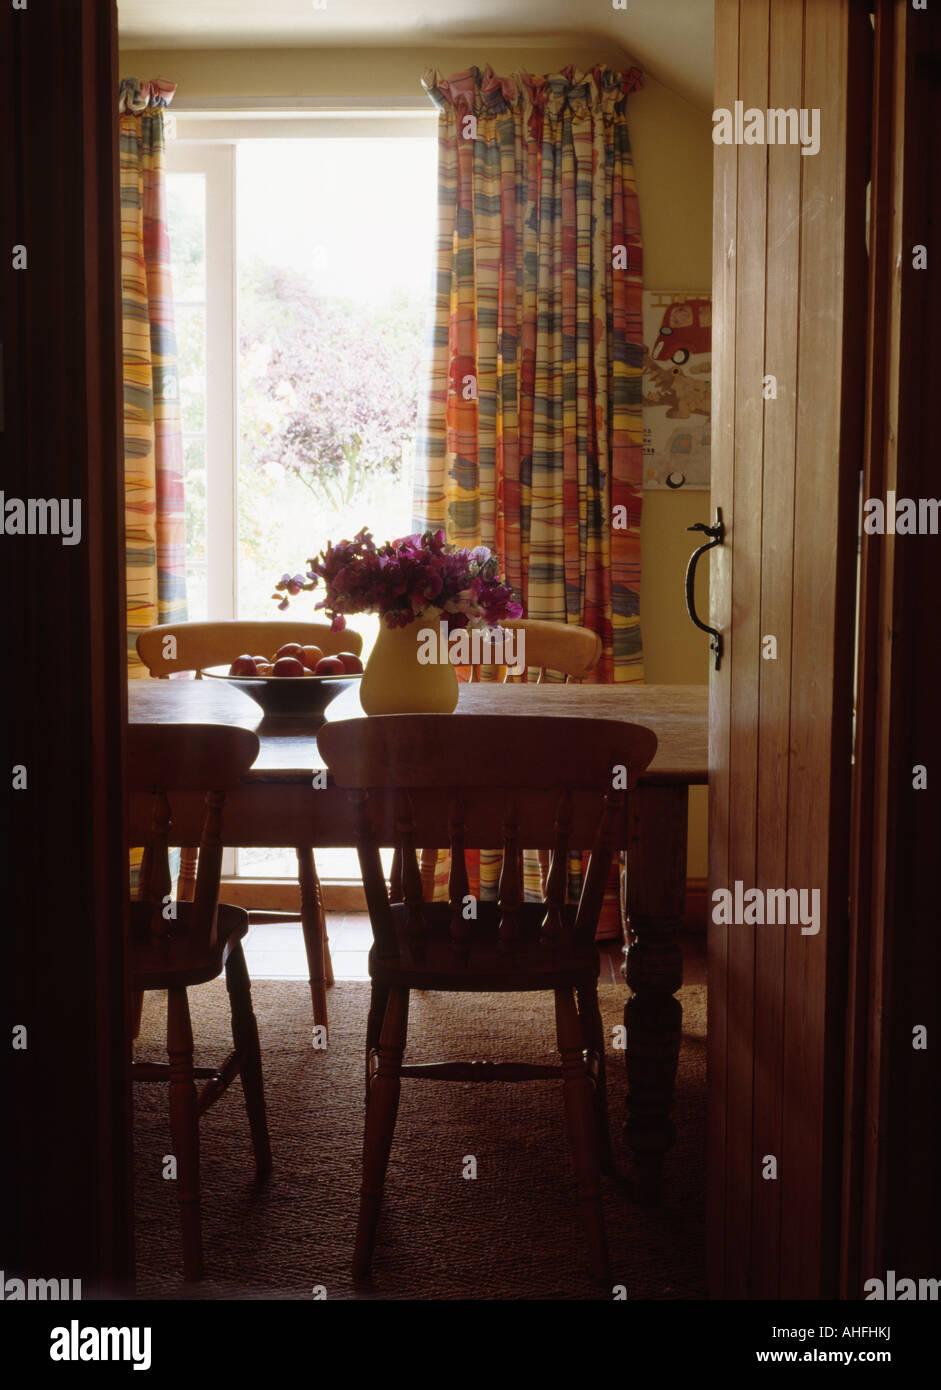 Esszimmer Kiefer | Ferienhaus Tur Zu Offnen An Land Esszimmer Kiefer Tisch Mit Stuhlen